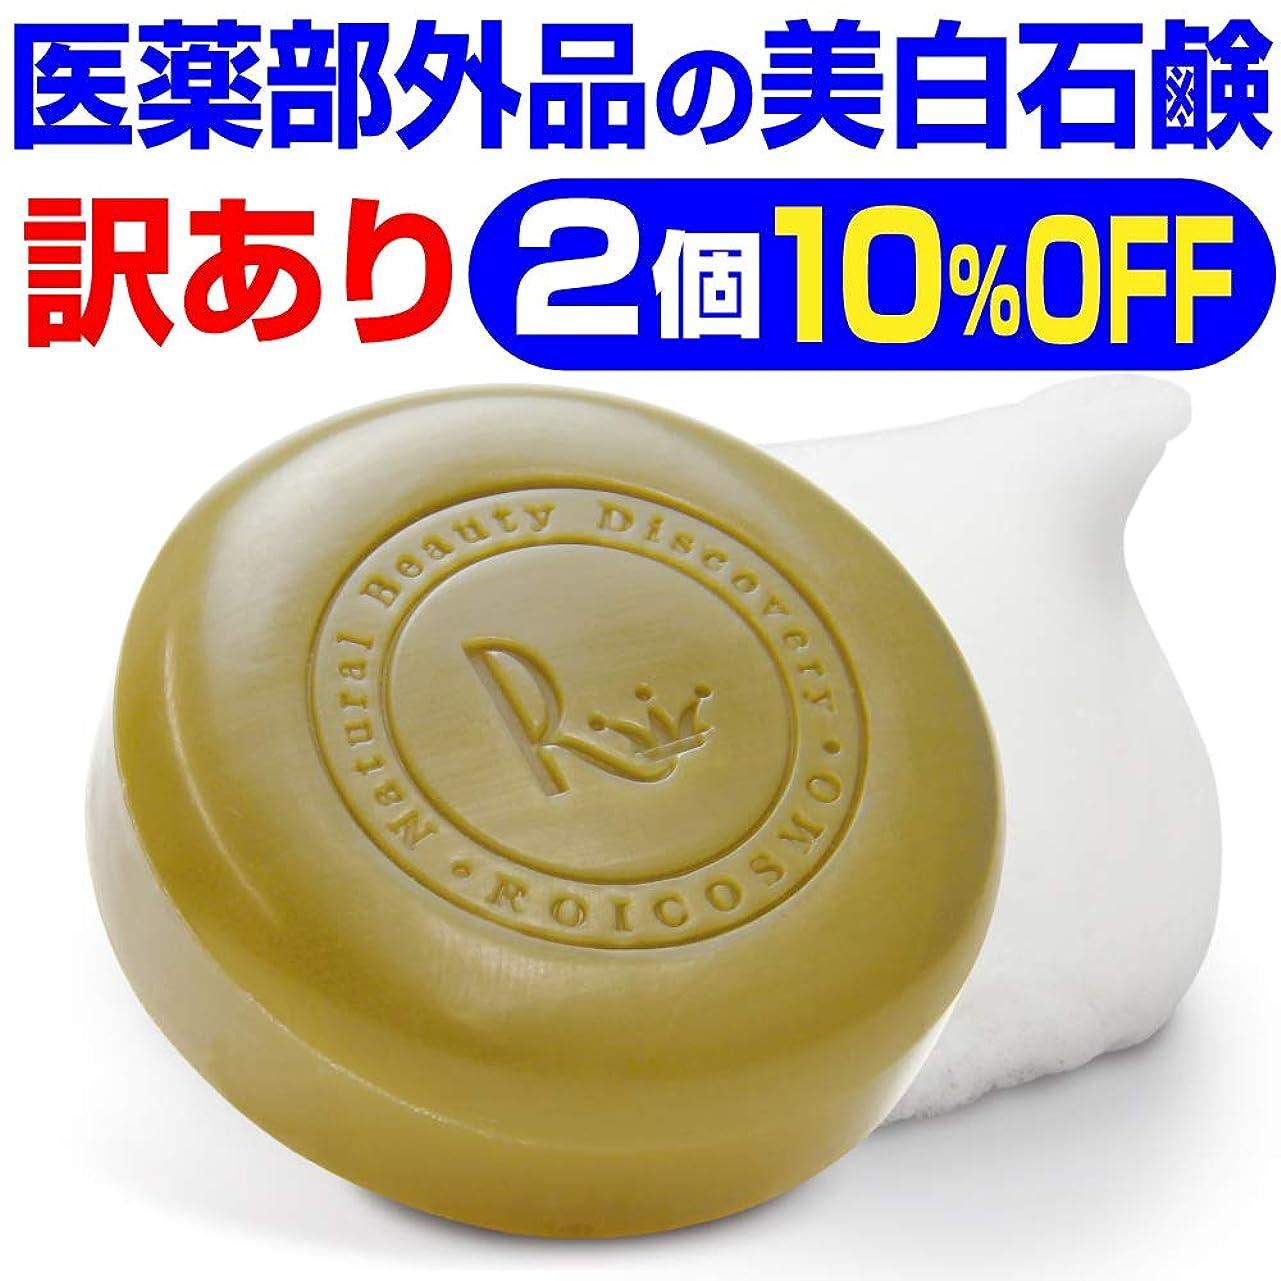 窓ブラウズルーフ訳あり10%OFF(1個2,143円)売切れ御免 ビタミンC270倍の美白成分の 洗顔石鹸『ホワイトソープ100g×2個』